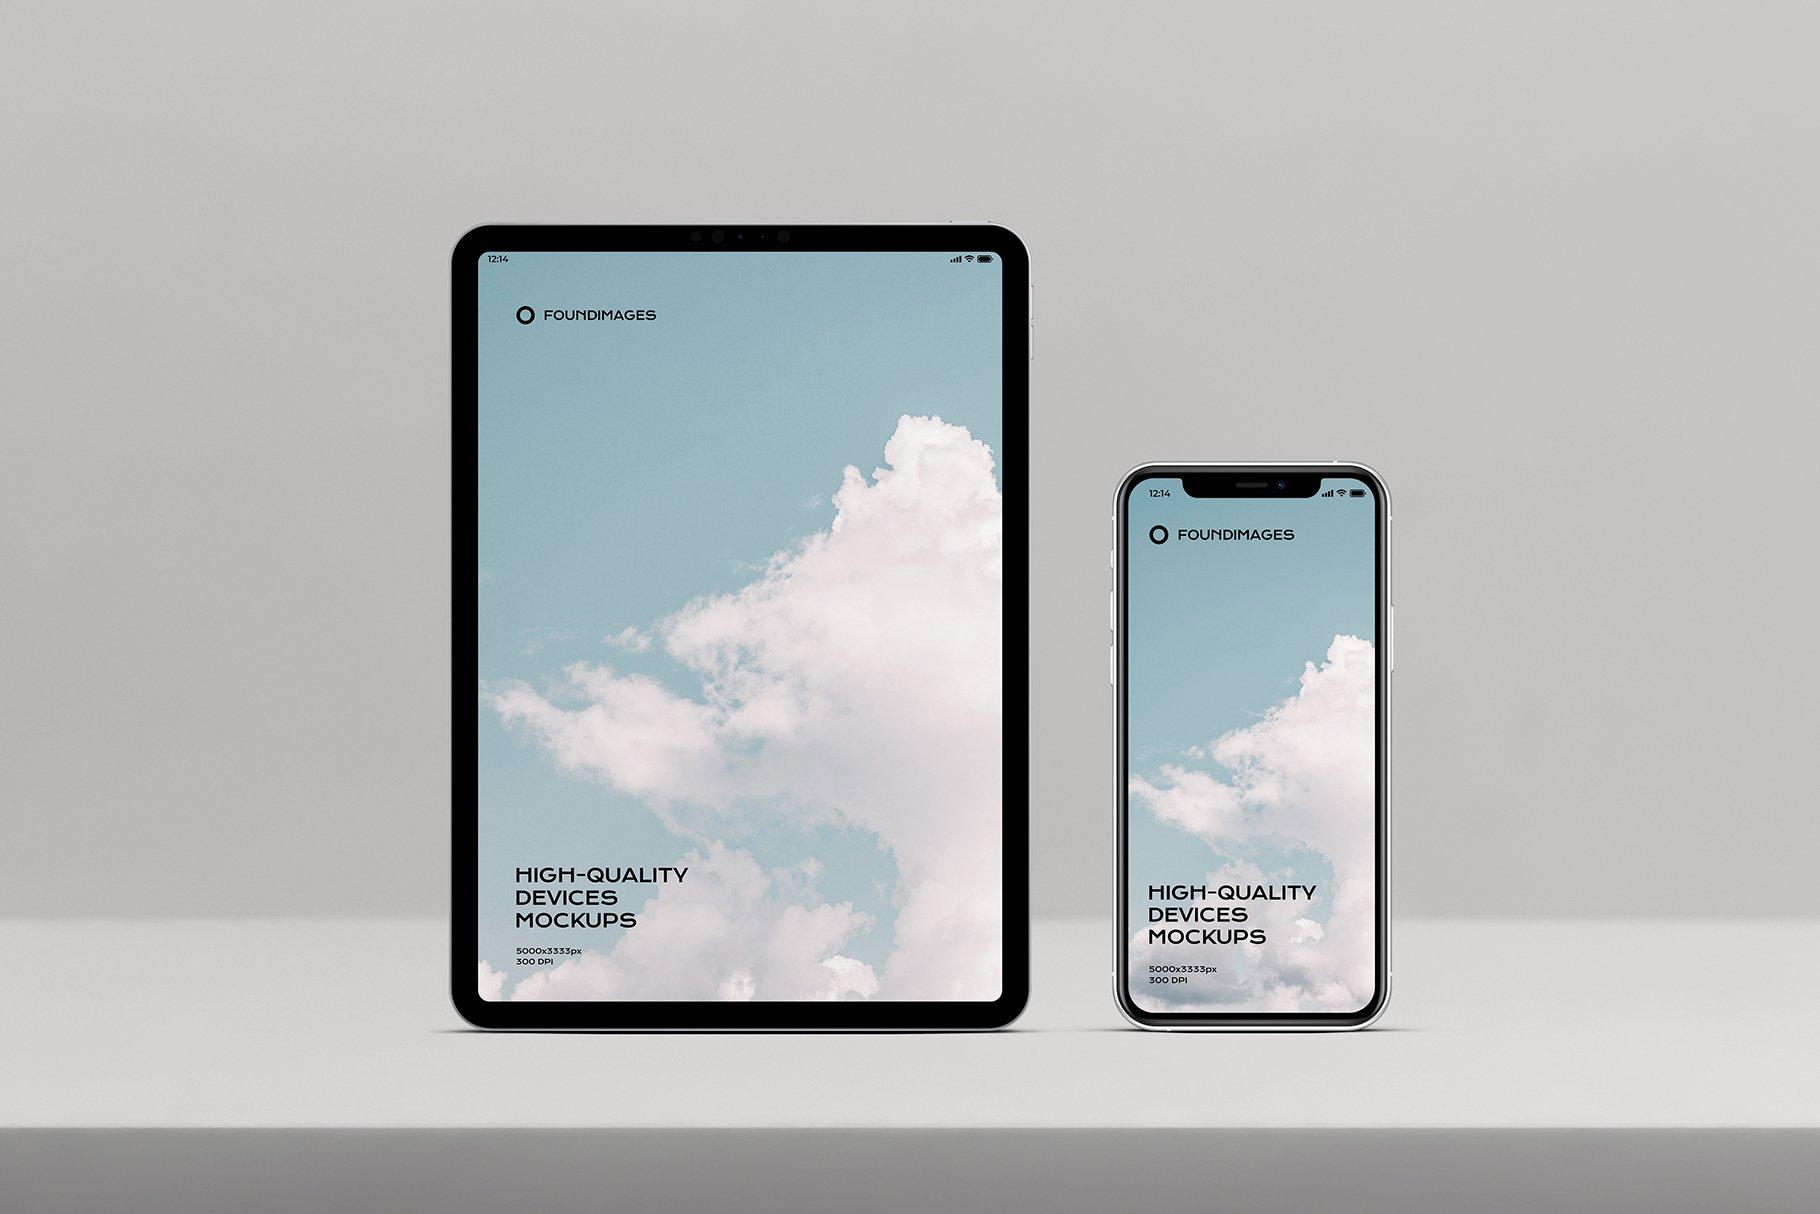 苹果系列设备多屏幕展示样机素材-正视图插图(5)